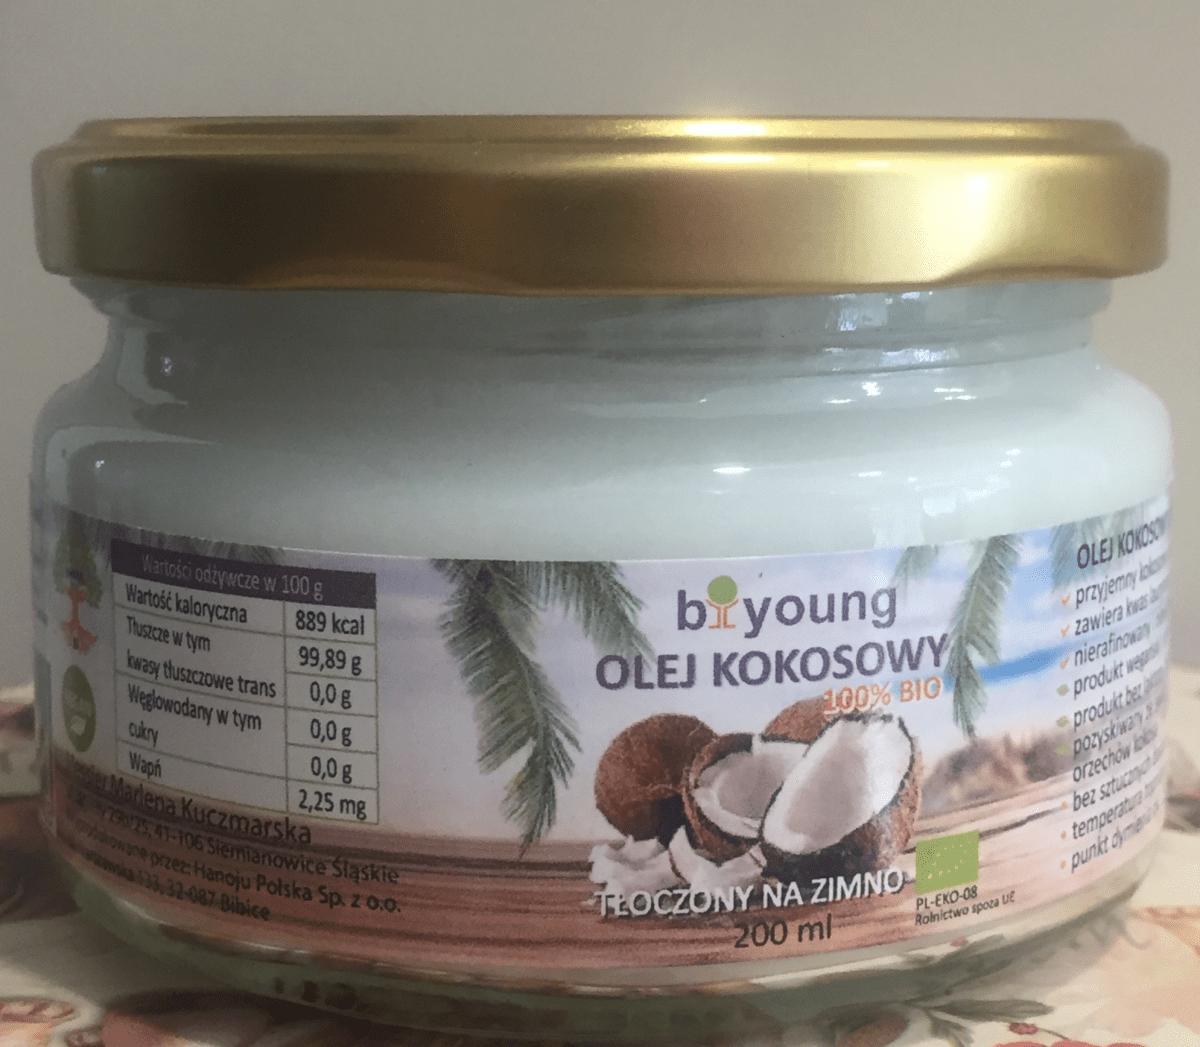 Olej kokosowy 200ml biyoung pozdrowie24.pl